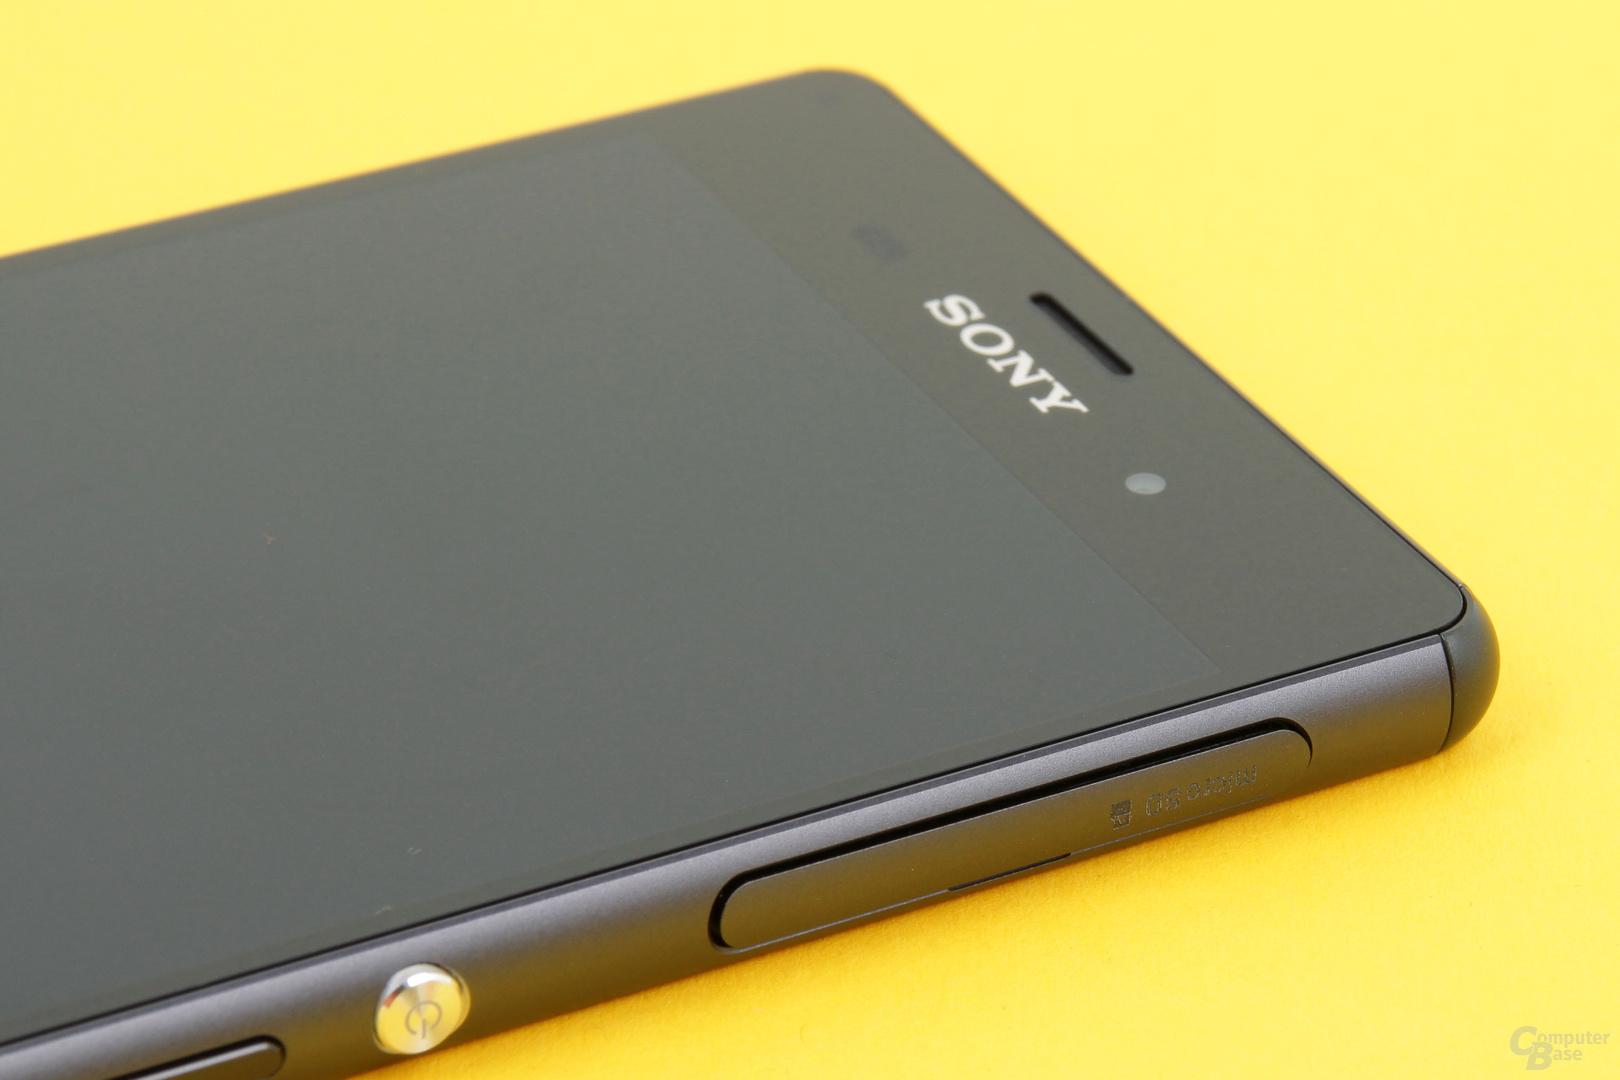 Fächer für microSD-Karte und Nano-SIM